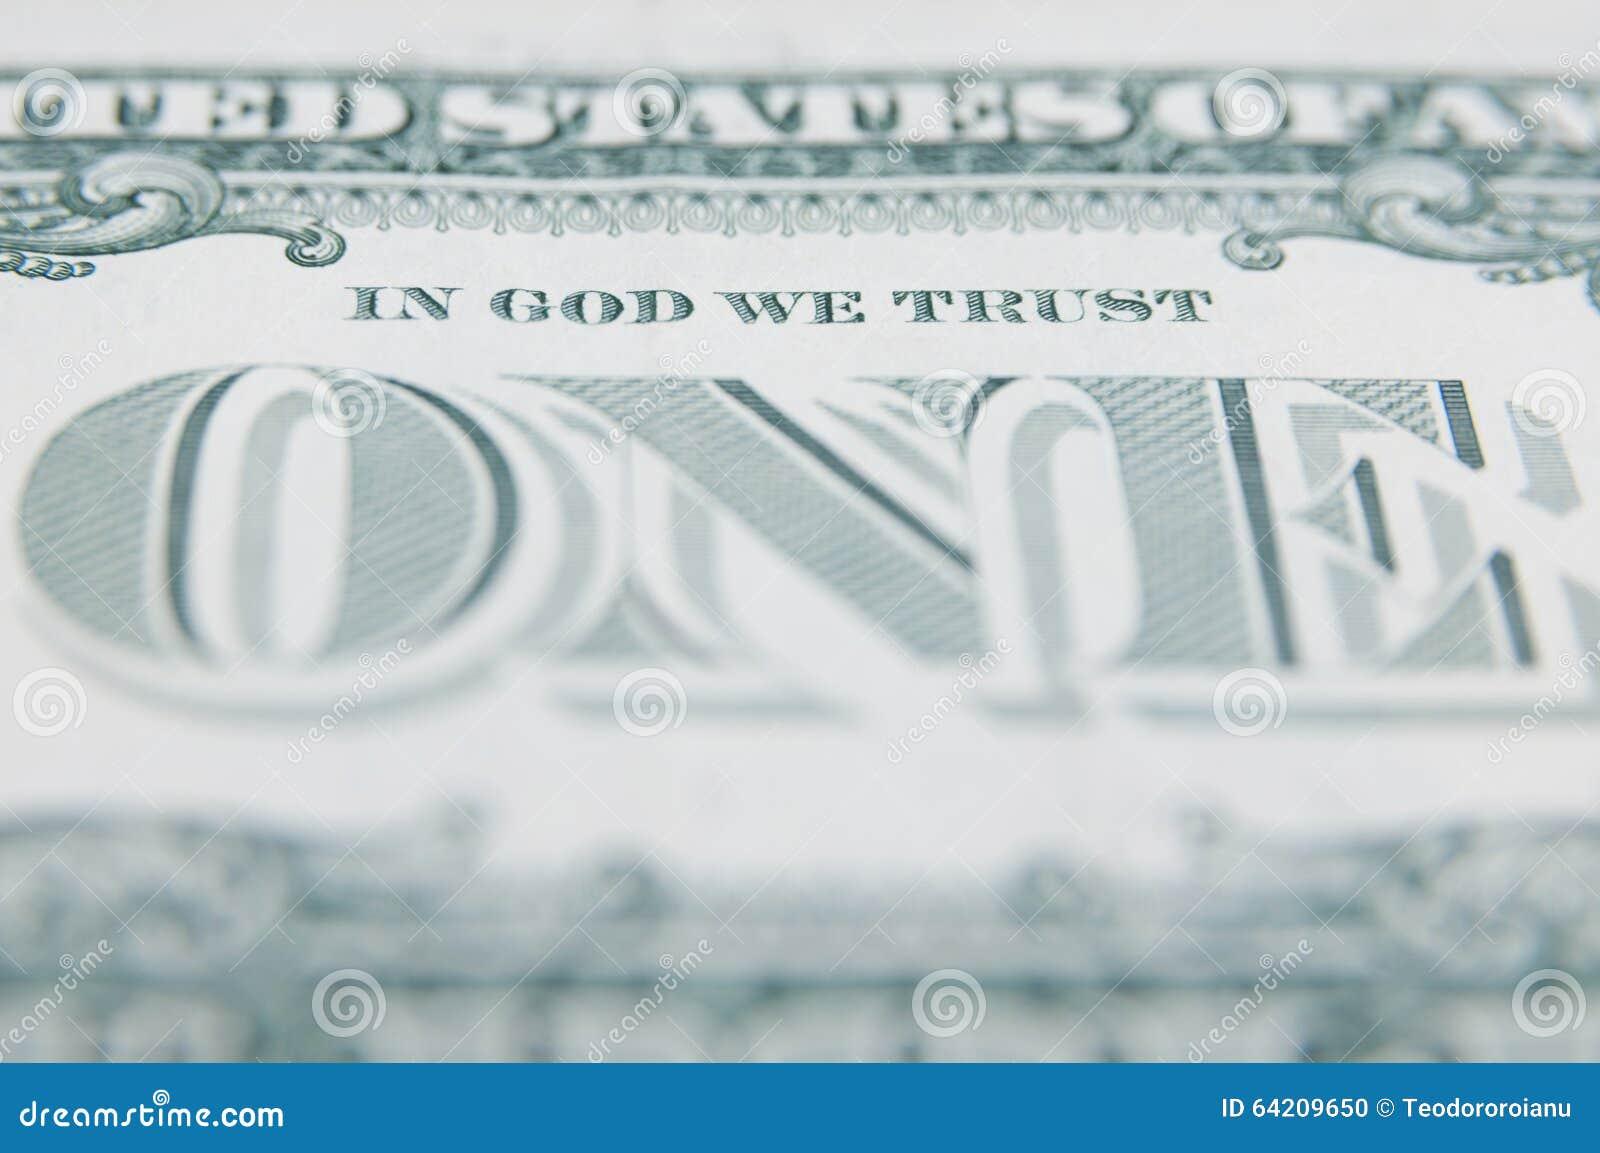 En dios confiamos en